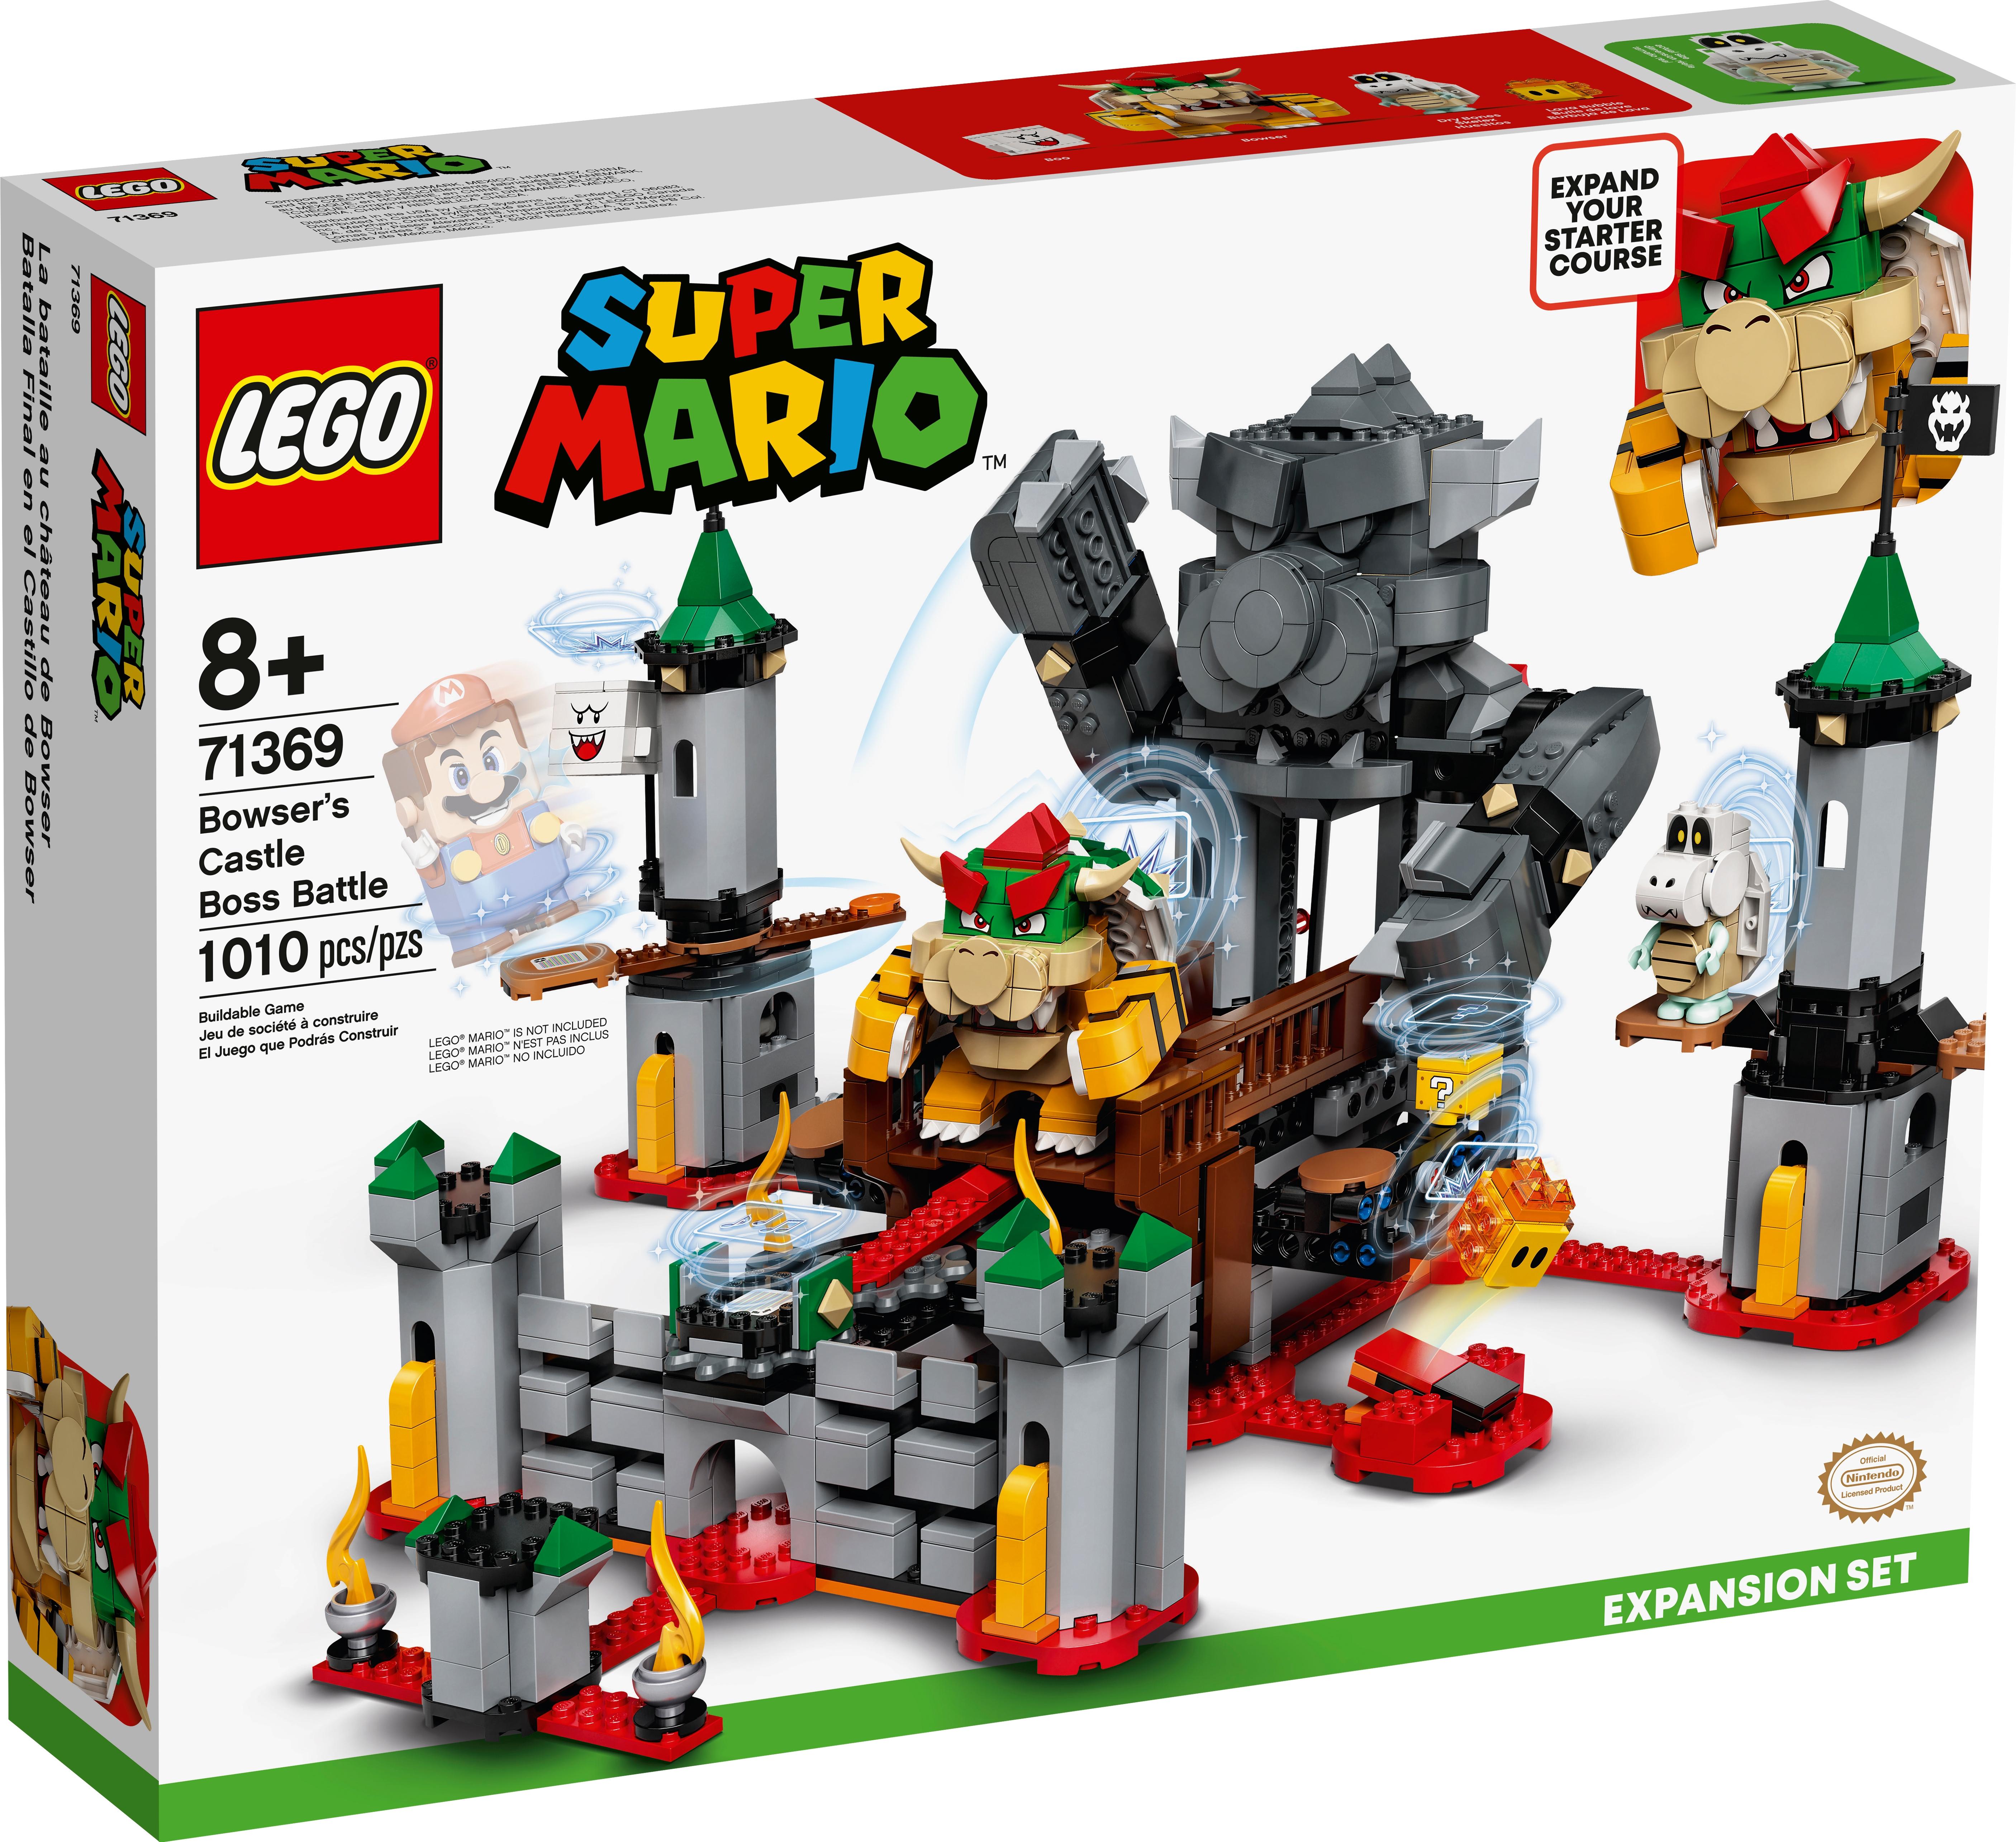 71369 Bowser's Castle Boss Battle